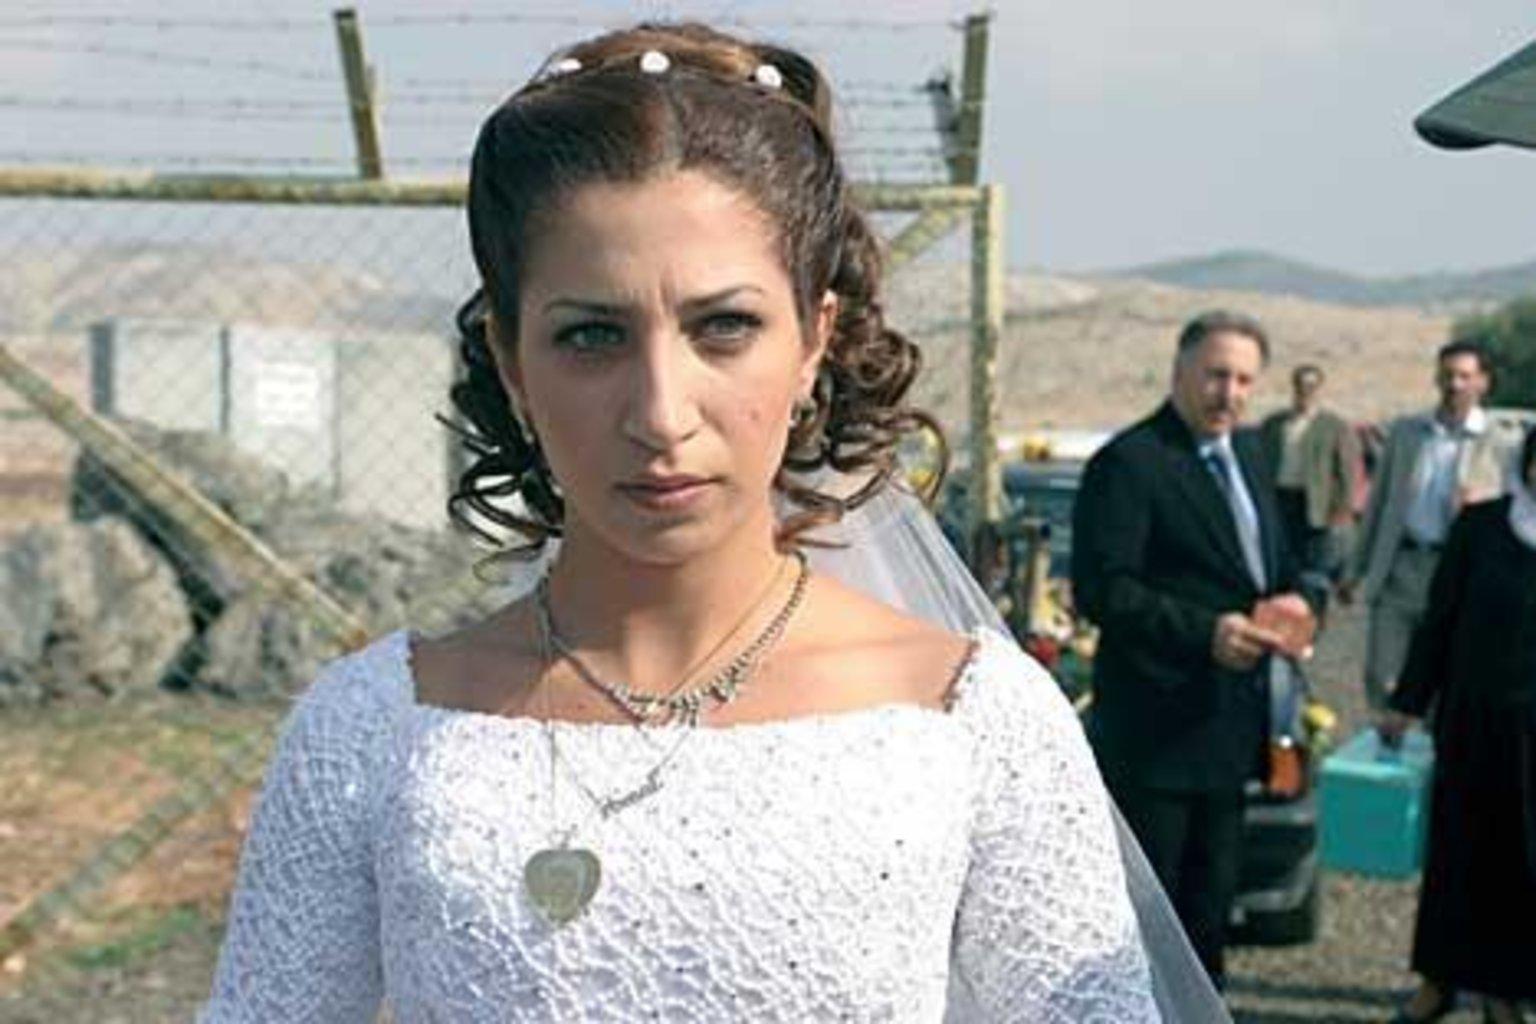 the syrian bride الفلم السوري ـ طعم الليمون ـ أمل عرفة ـ حسن عويتي | ta3m al lemon - duration: 1:10:53 للإنتاج الفني والتوزيع - xyz rgb art production.